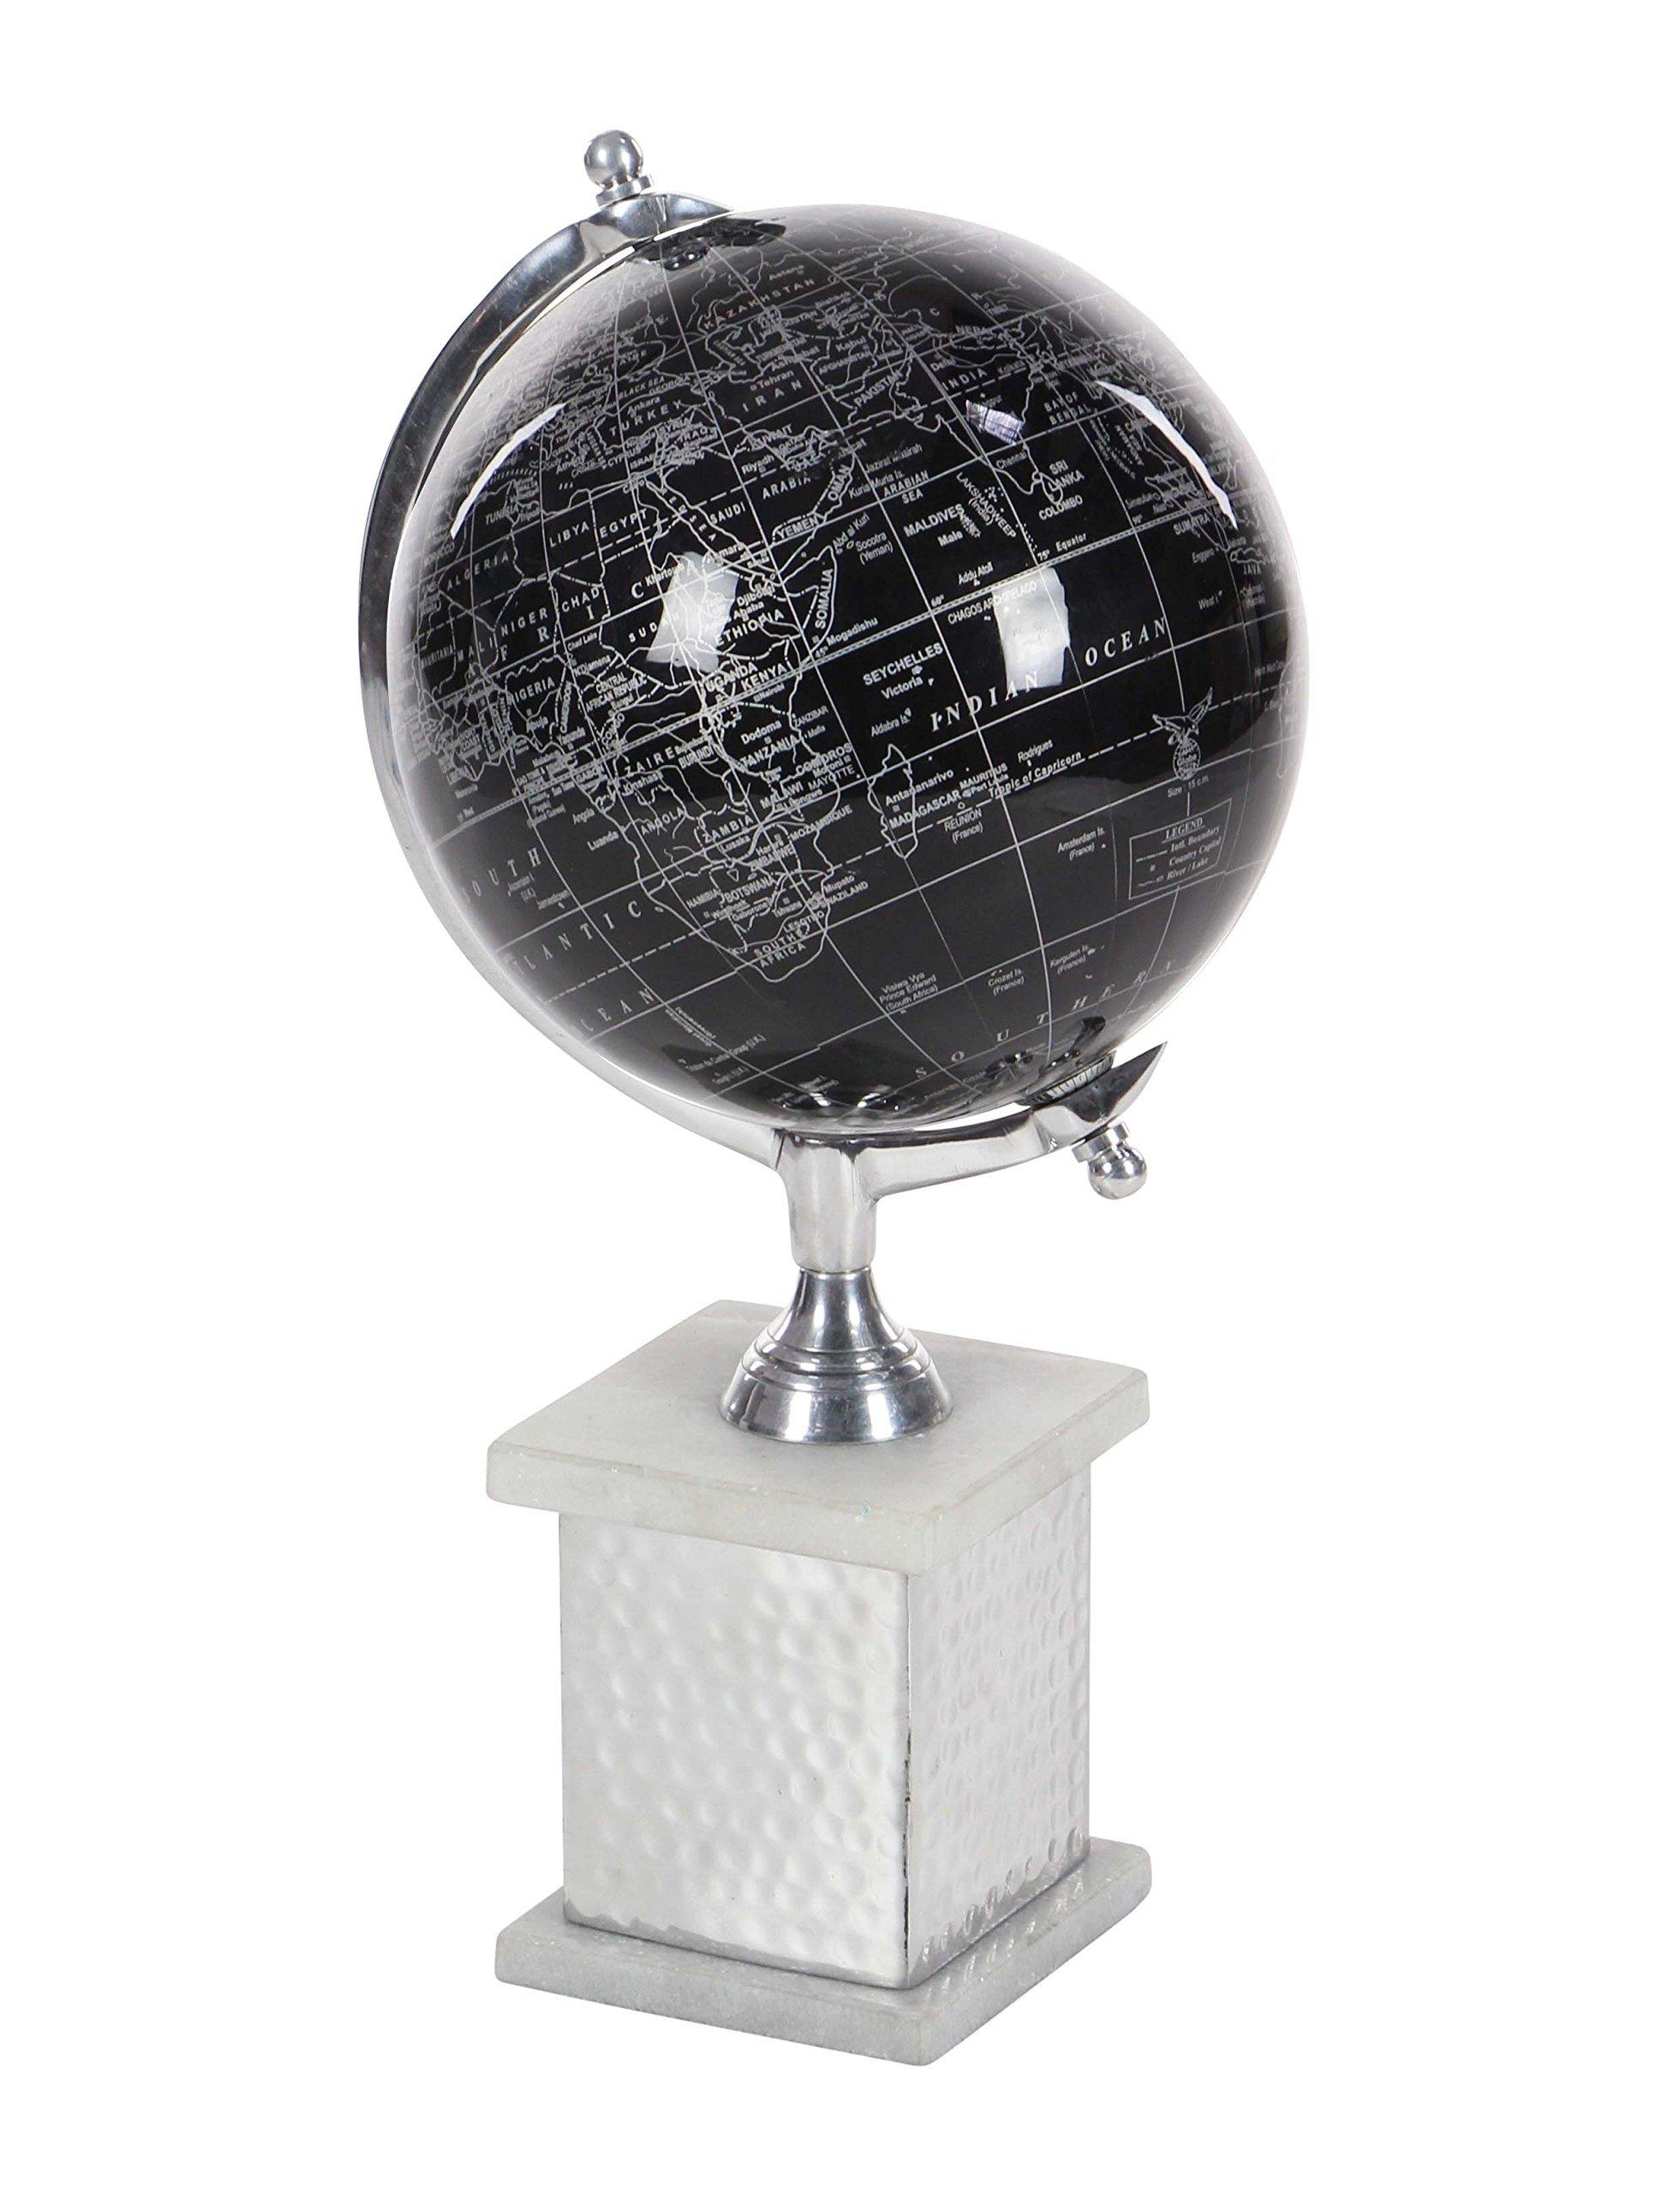 Deco 79 57371 Aluminum, Marble and PVC Decorative Globe, 17'' x 8'', Black/Silver/White